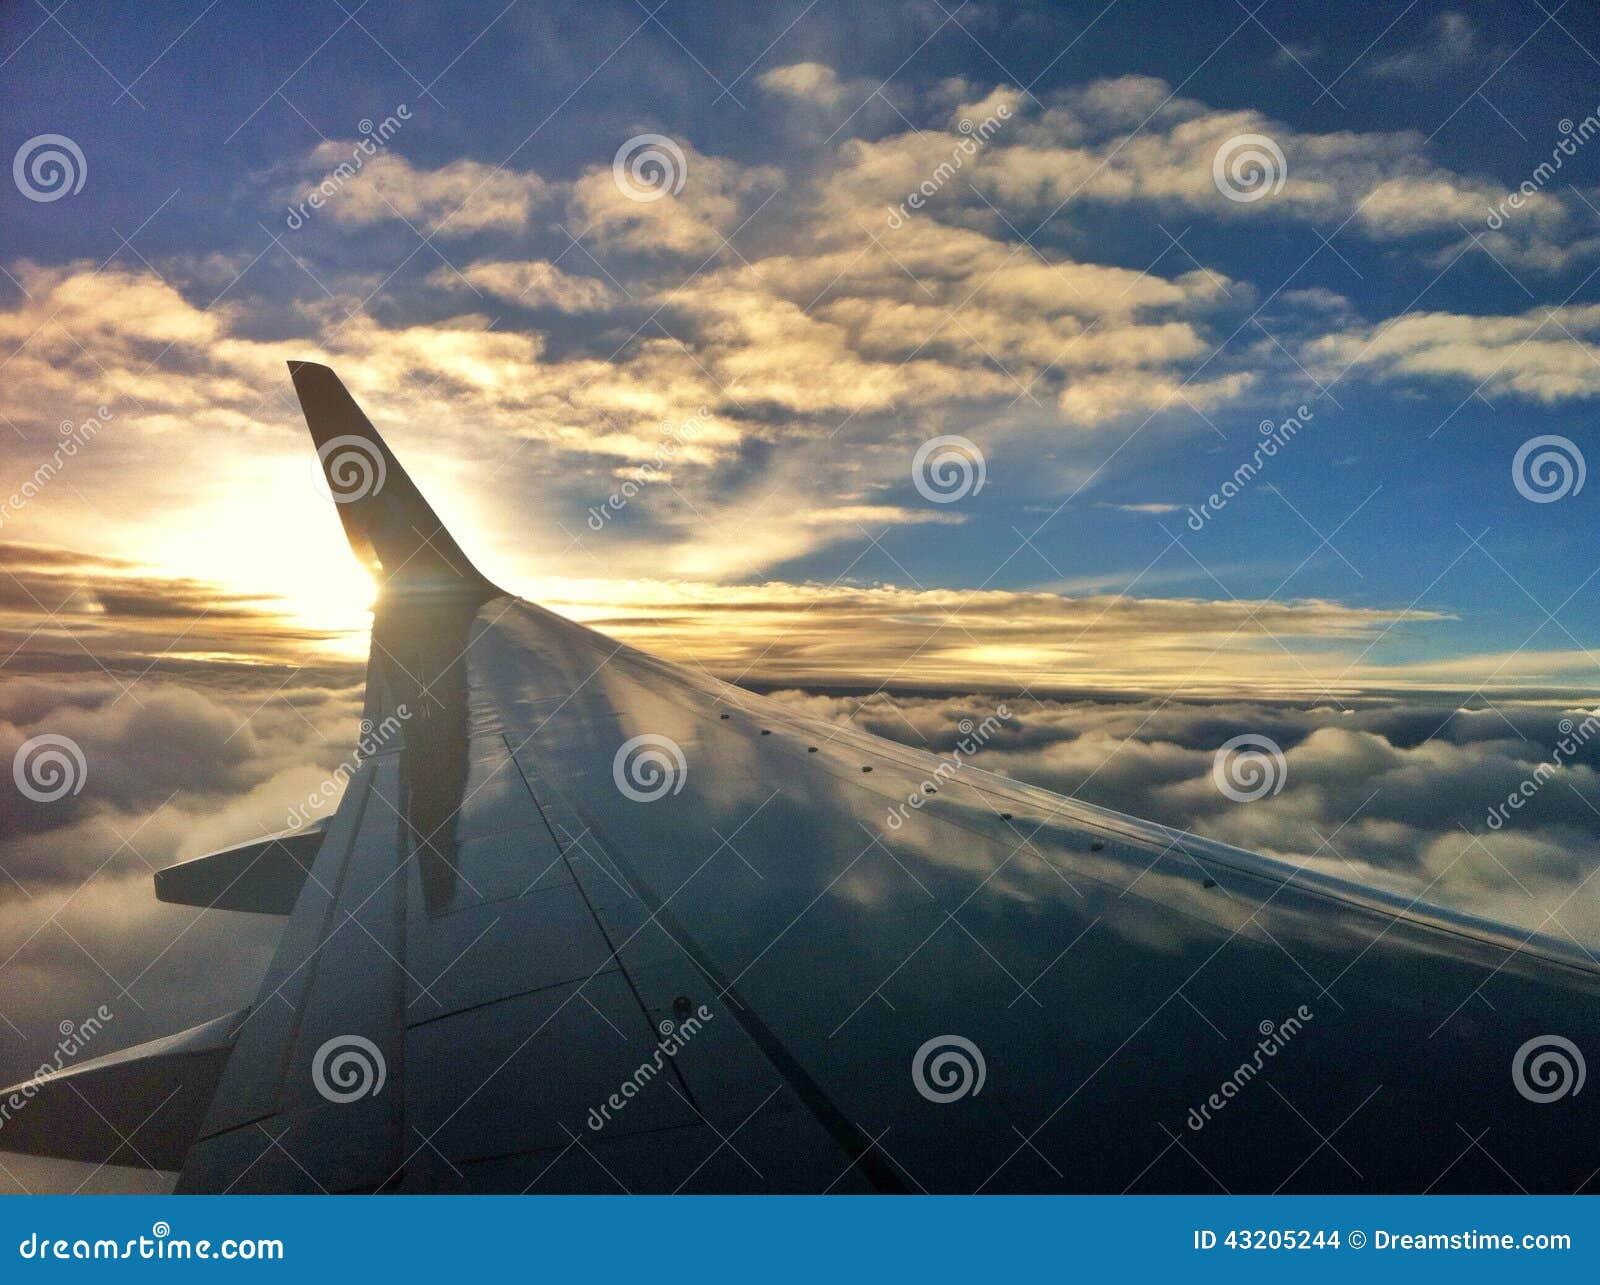 Download Det airplan på himlen arkivfoto. Bild av guld, oklarhet - 43205244